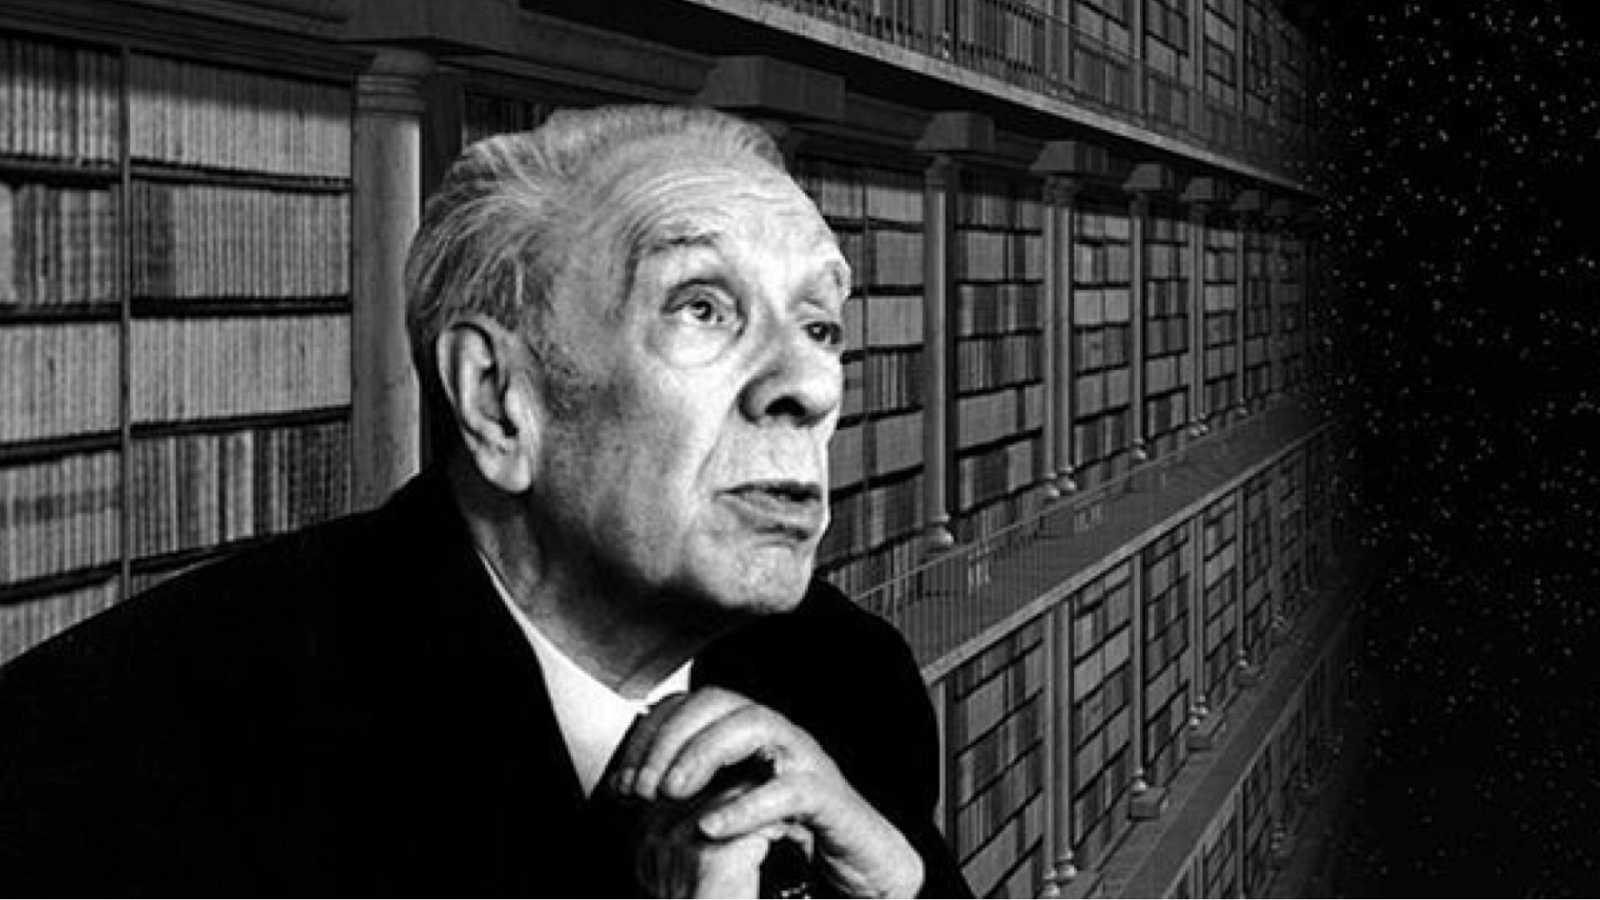 Efecto Doppler - Entre Vargas Llosa y Borges - 29/09/20 - escuchar ahora